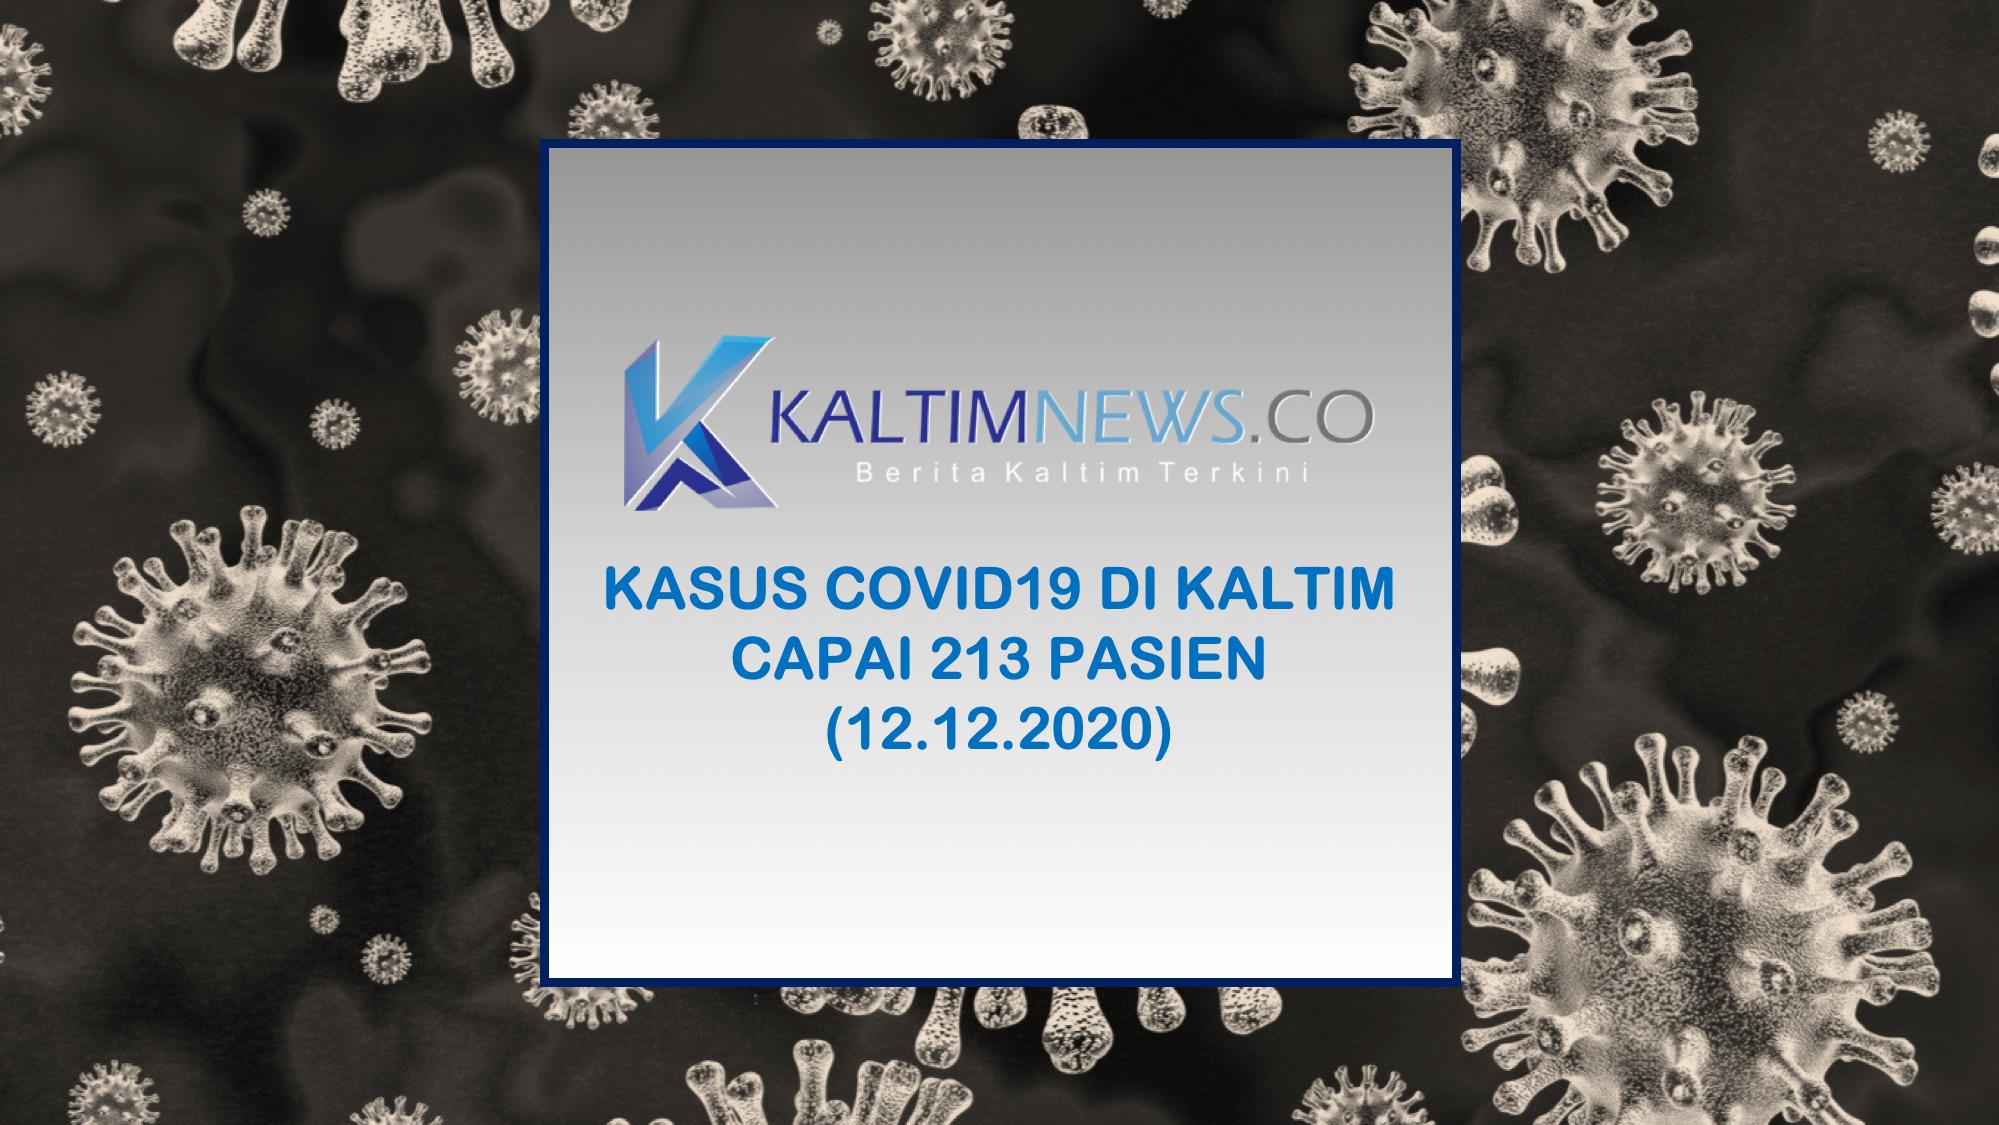 Update Kasus Covid19 di Kaltim 11 Desember 2020